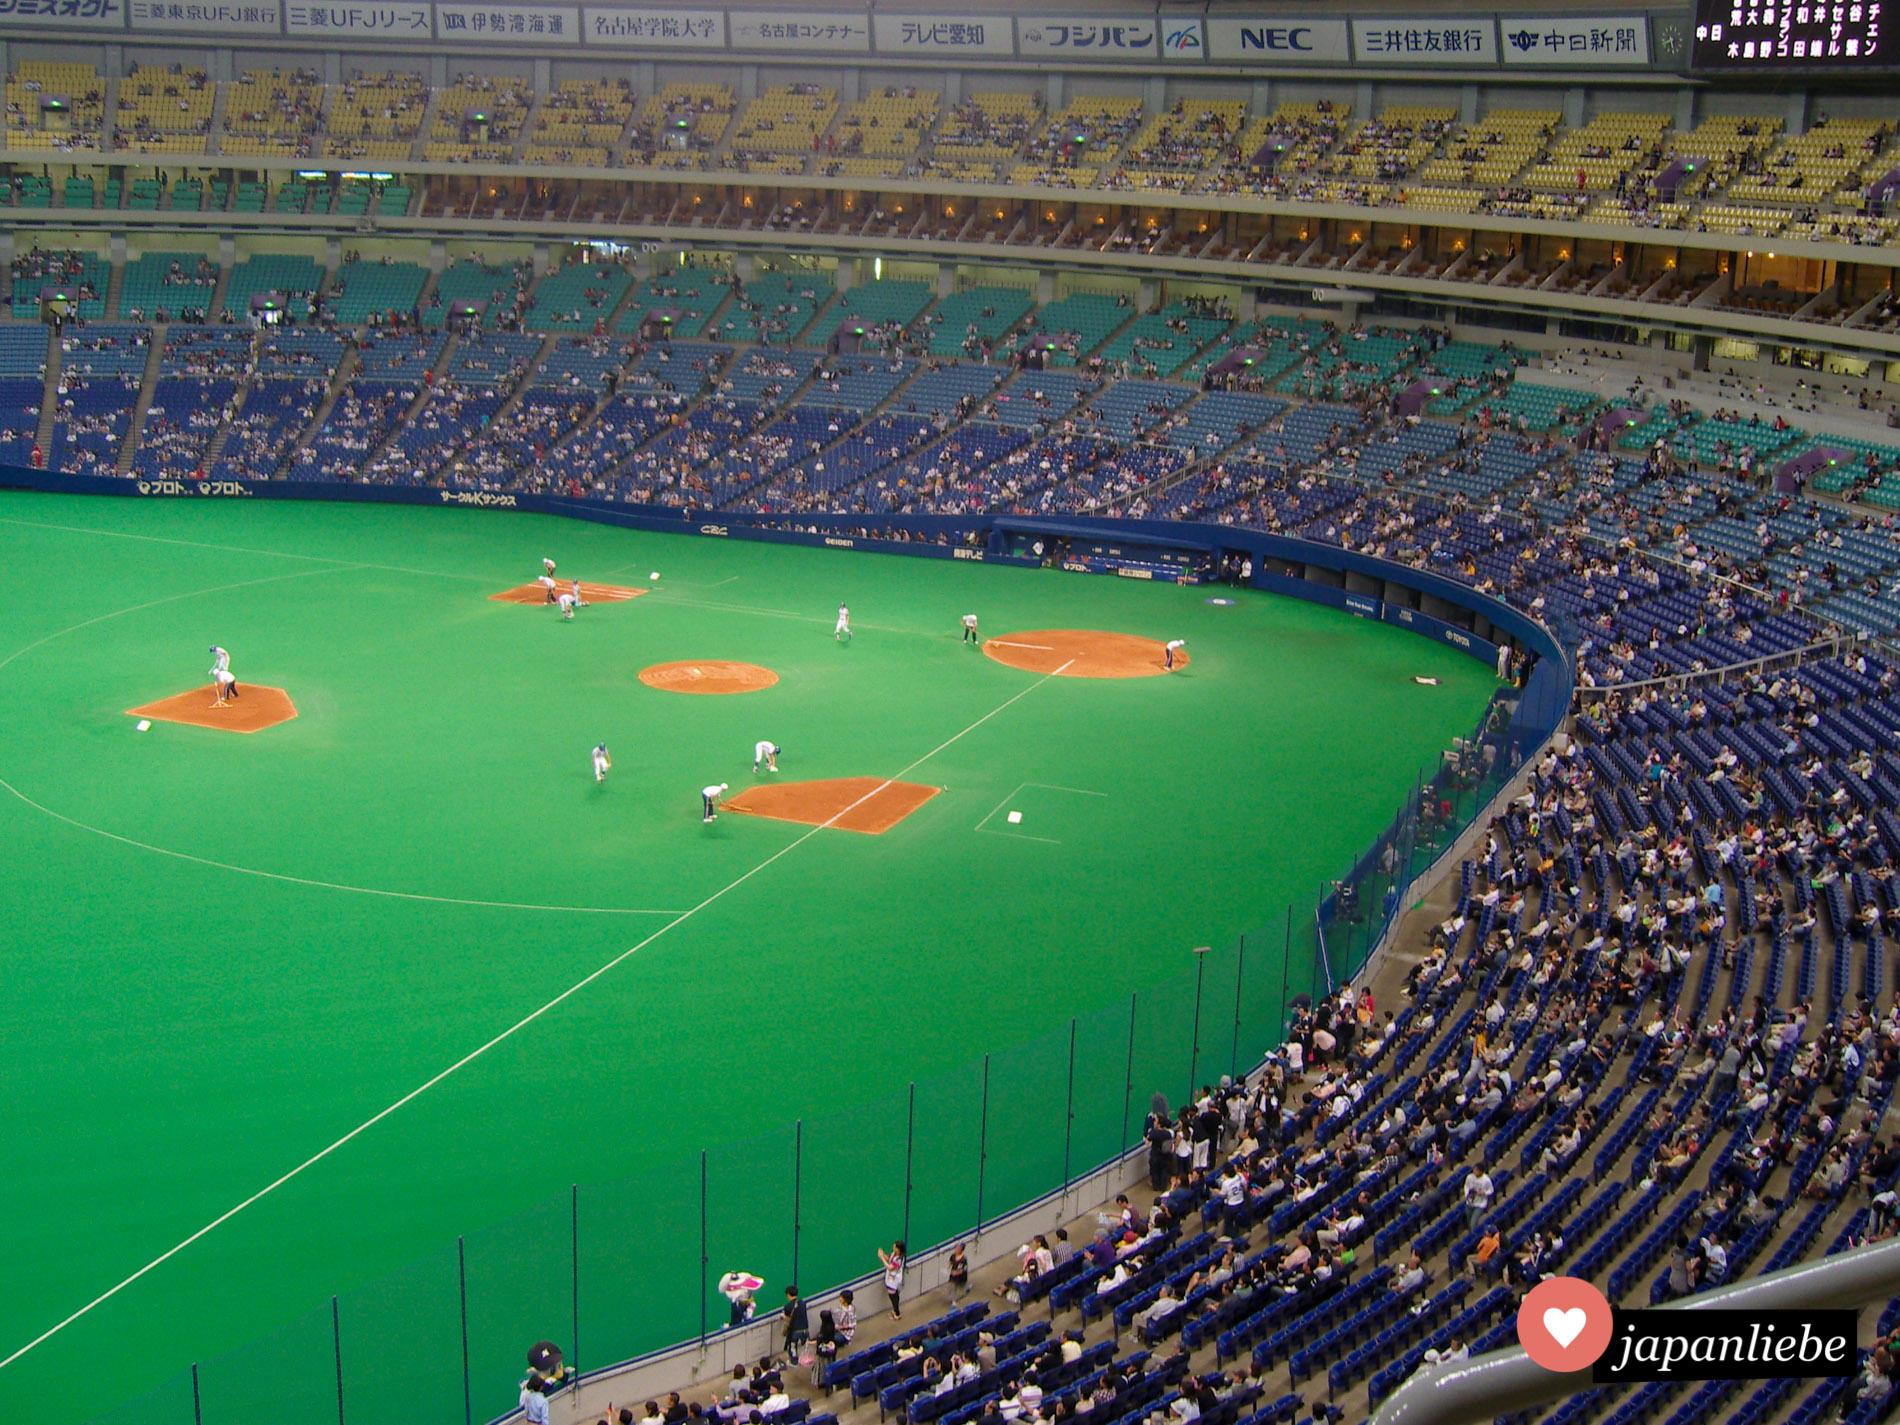 Im Nagoya Dome besuchte ich ein Baseballspiel der Chunichi Dragons.